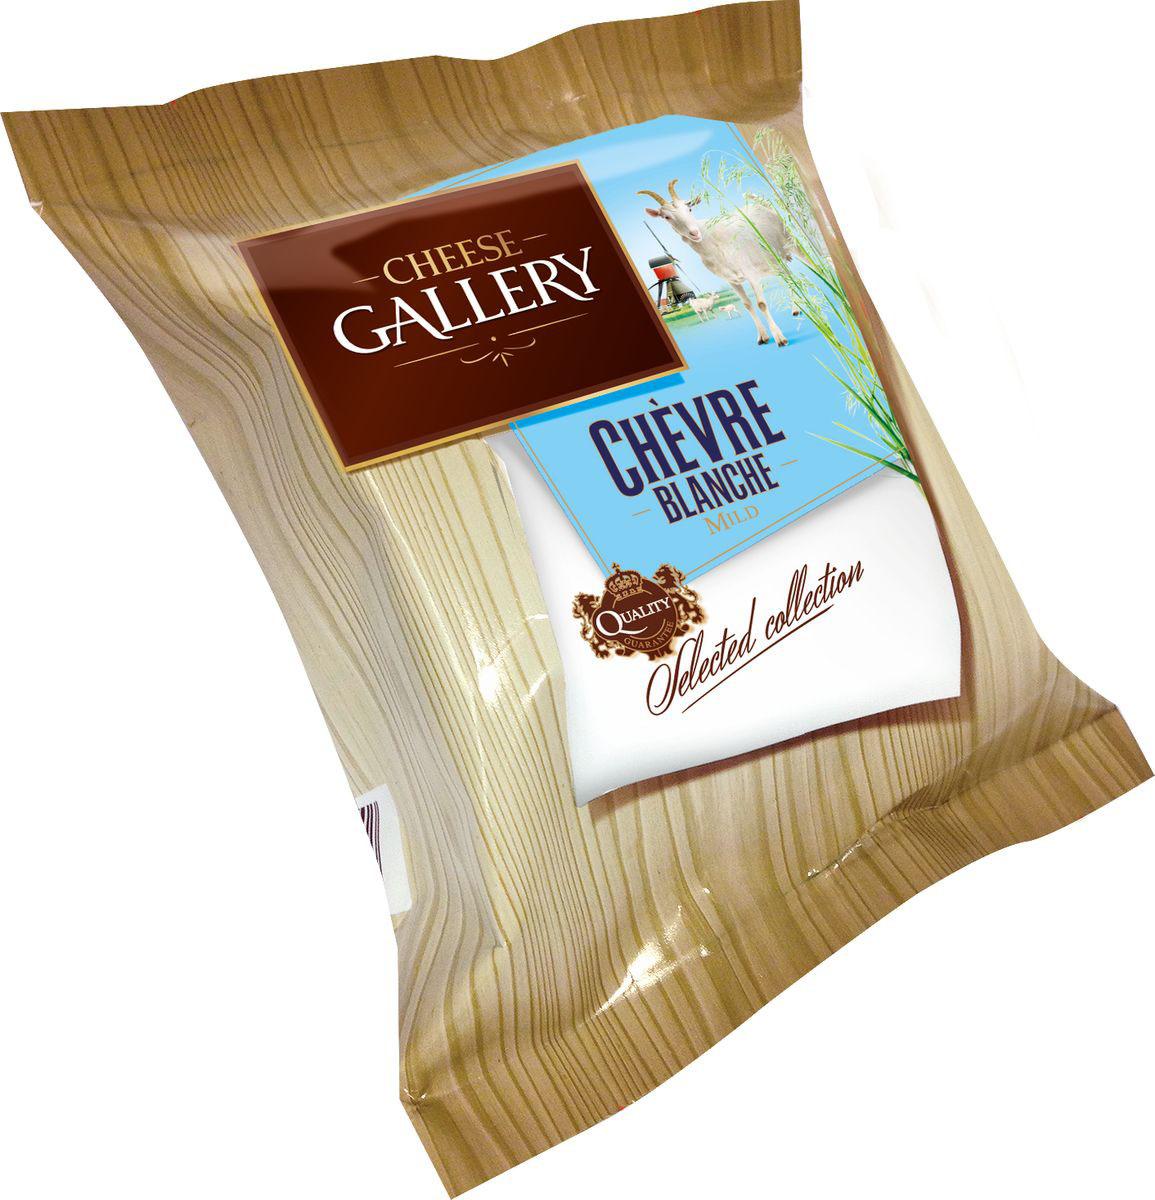 Cheese Gallery Сыр Козий, 50%, 175 г сыр сheese gallery bluefort 56